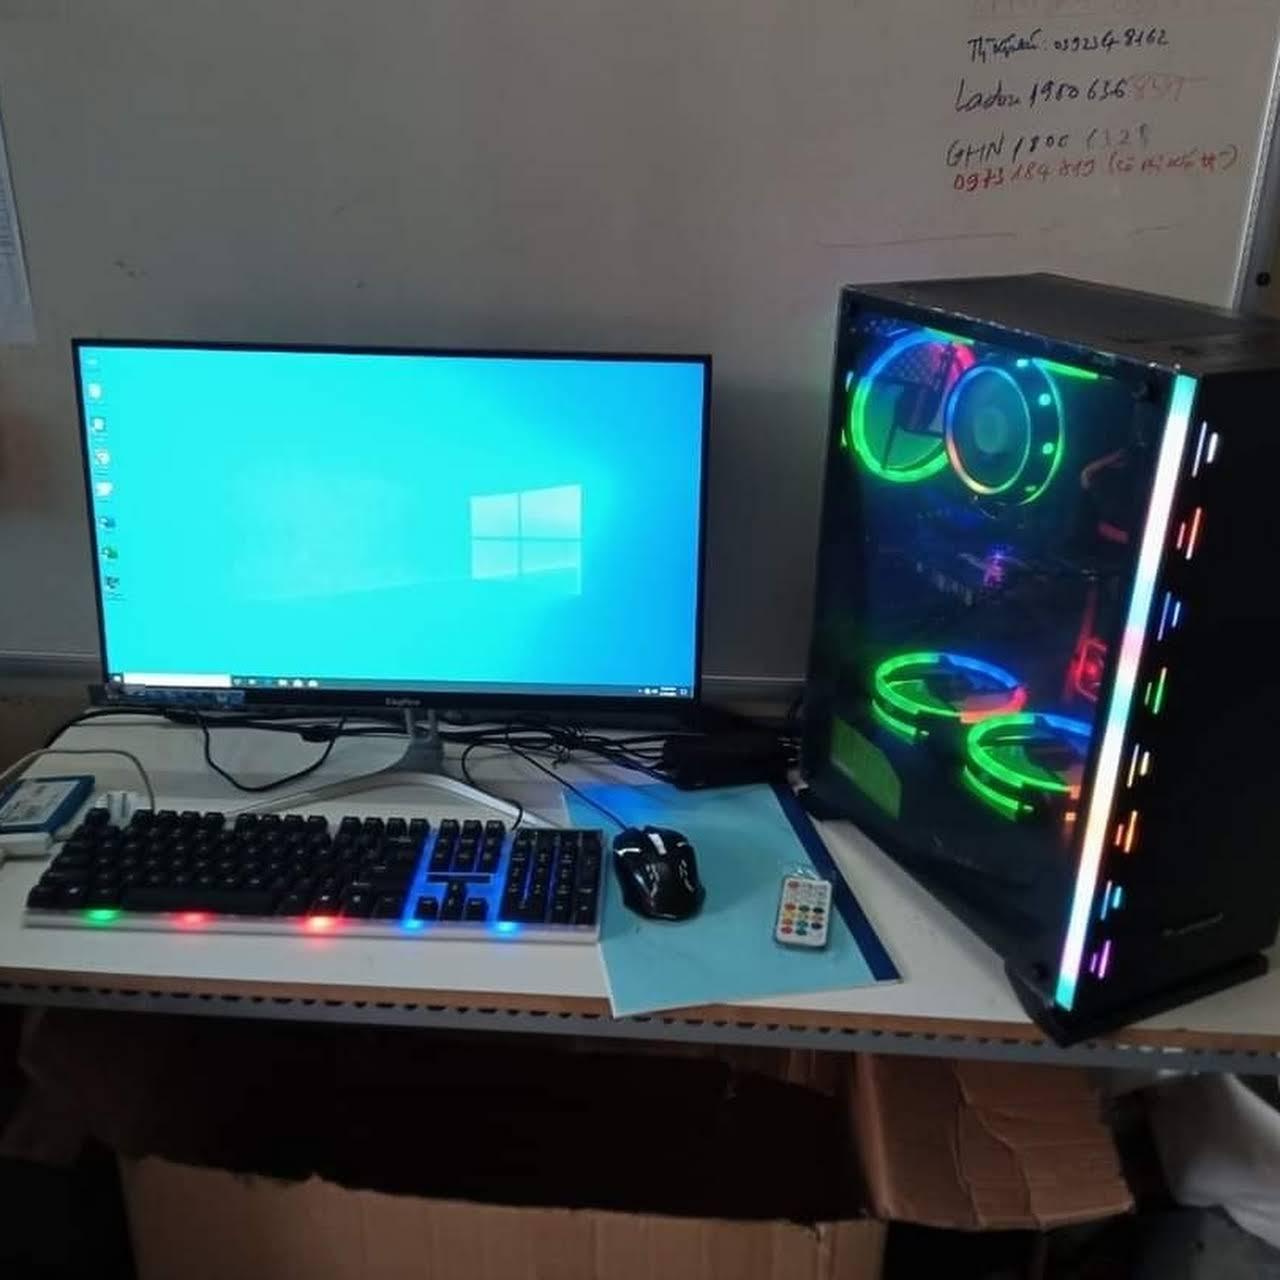 Sửa Máy Tính Quảng Ngãi | Sửa Laptop | Laptop Cũ Quảng Ngãi - Dịch Vụ Sửa  Chữa Máy Tính